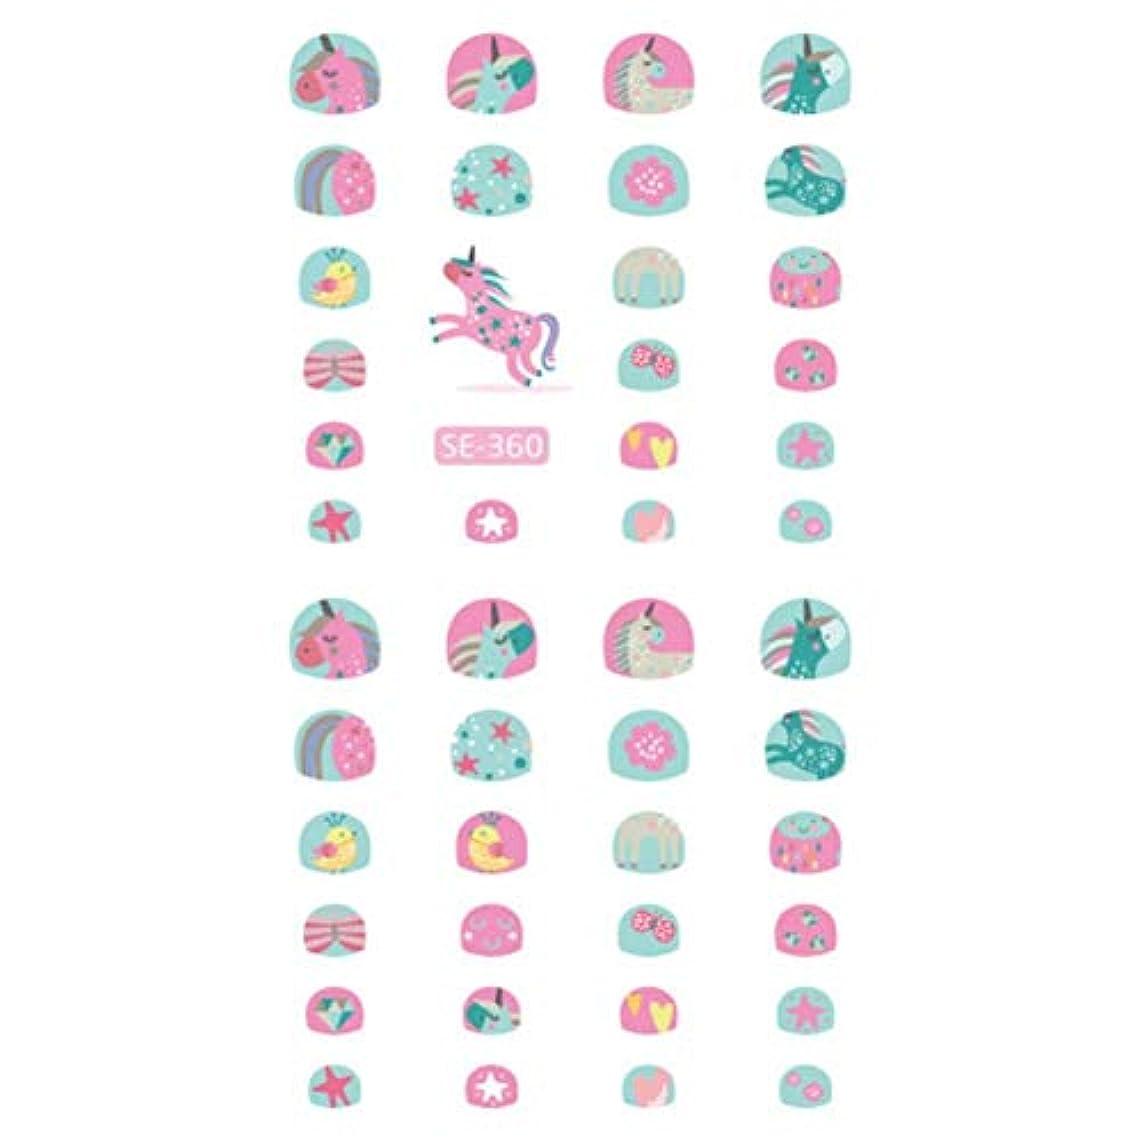 セクタ巧みな導出PoonikuuDIYネイルシール ユニコーンシリーズ 子供 無害無毒 ネイルデザイン ネイルステッカーセット ネイルアクセサリー 綺麗可愛いファション 10枚セット